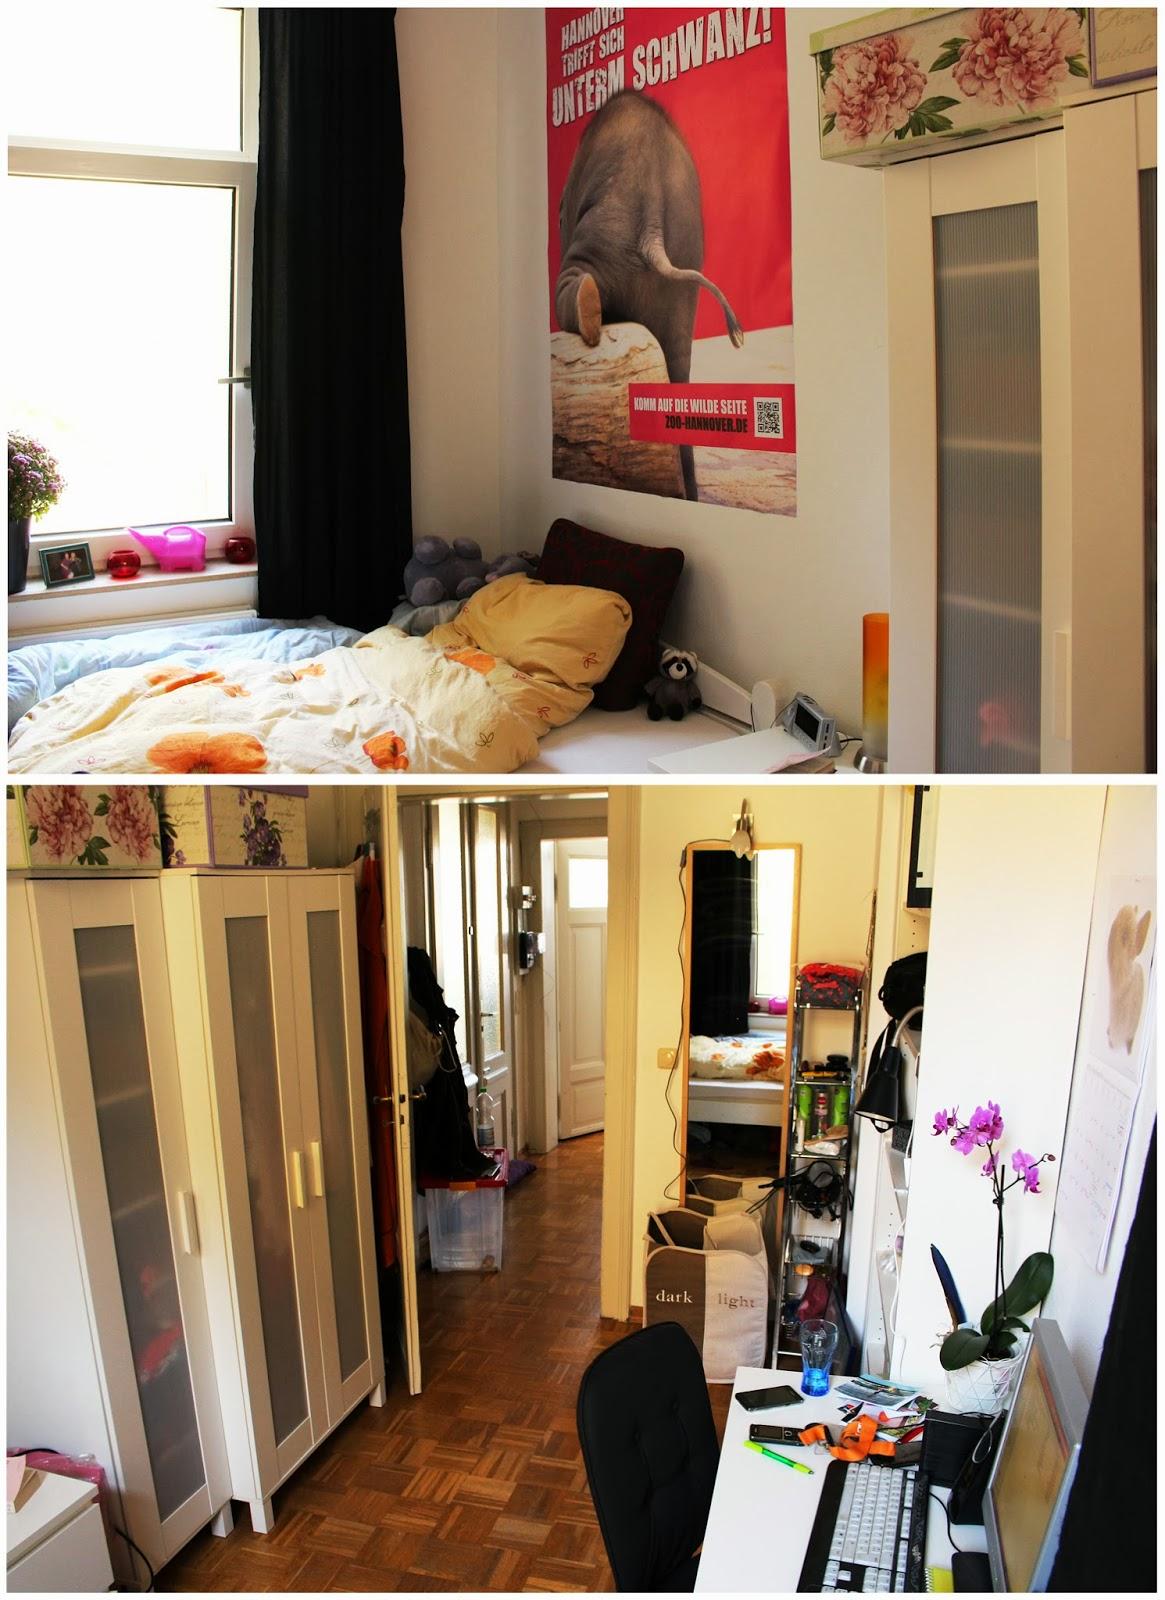 sunny in hannover umziehen und tsch ss sagen. Black Bedroom Furniture Sets. Home Design Ideas